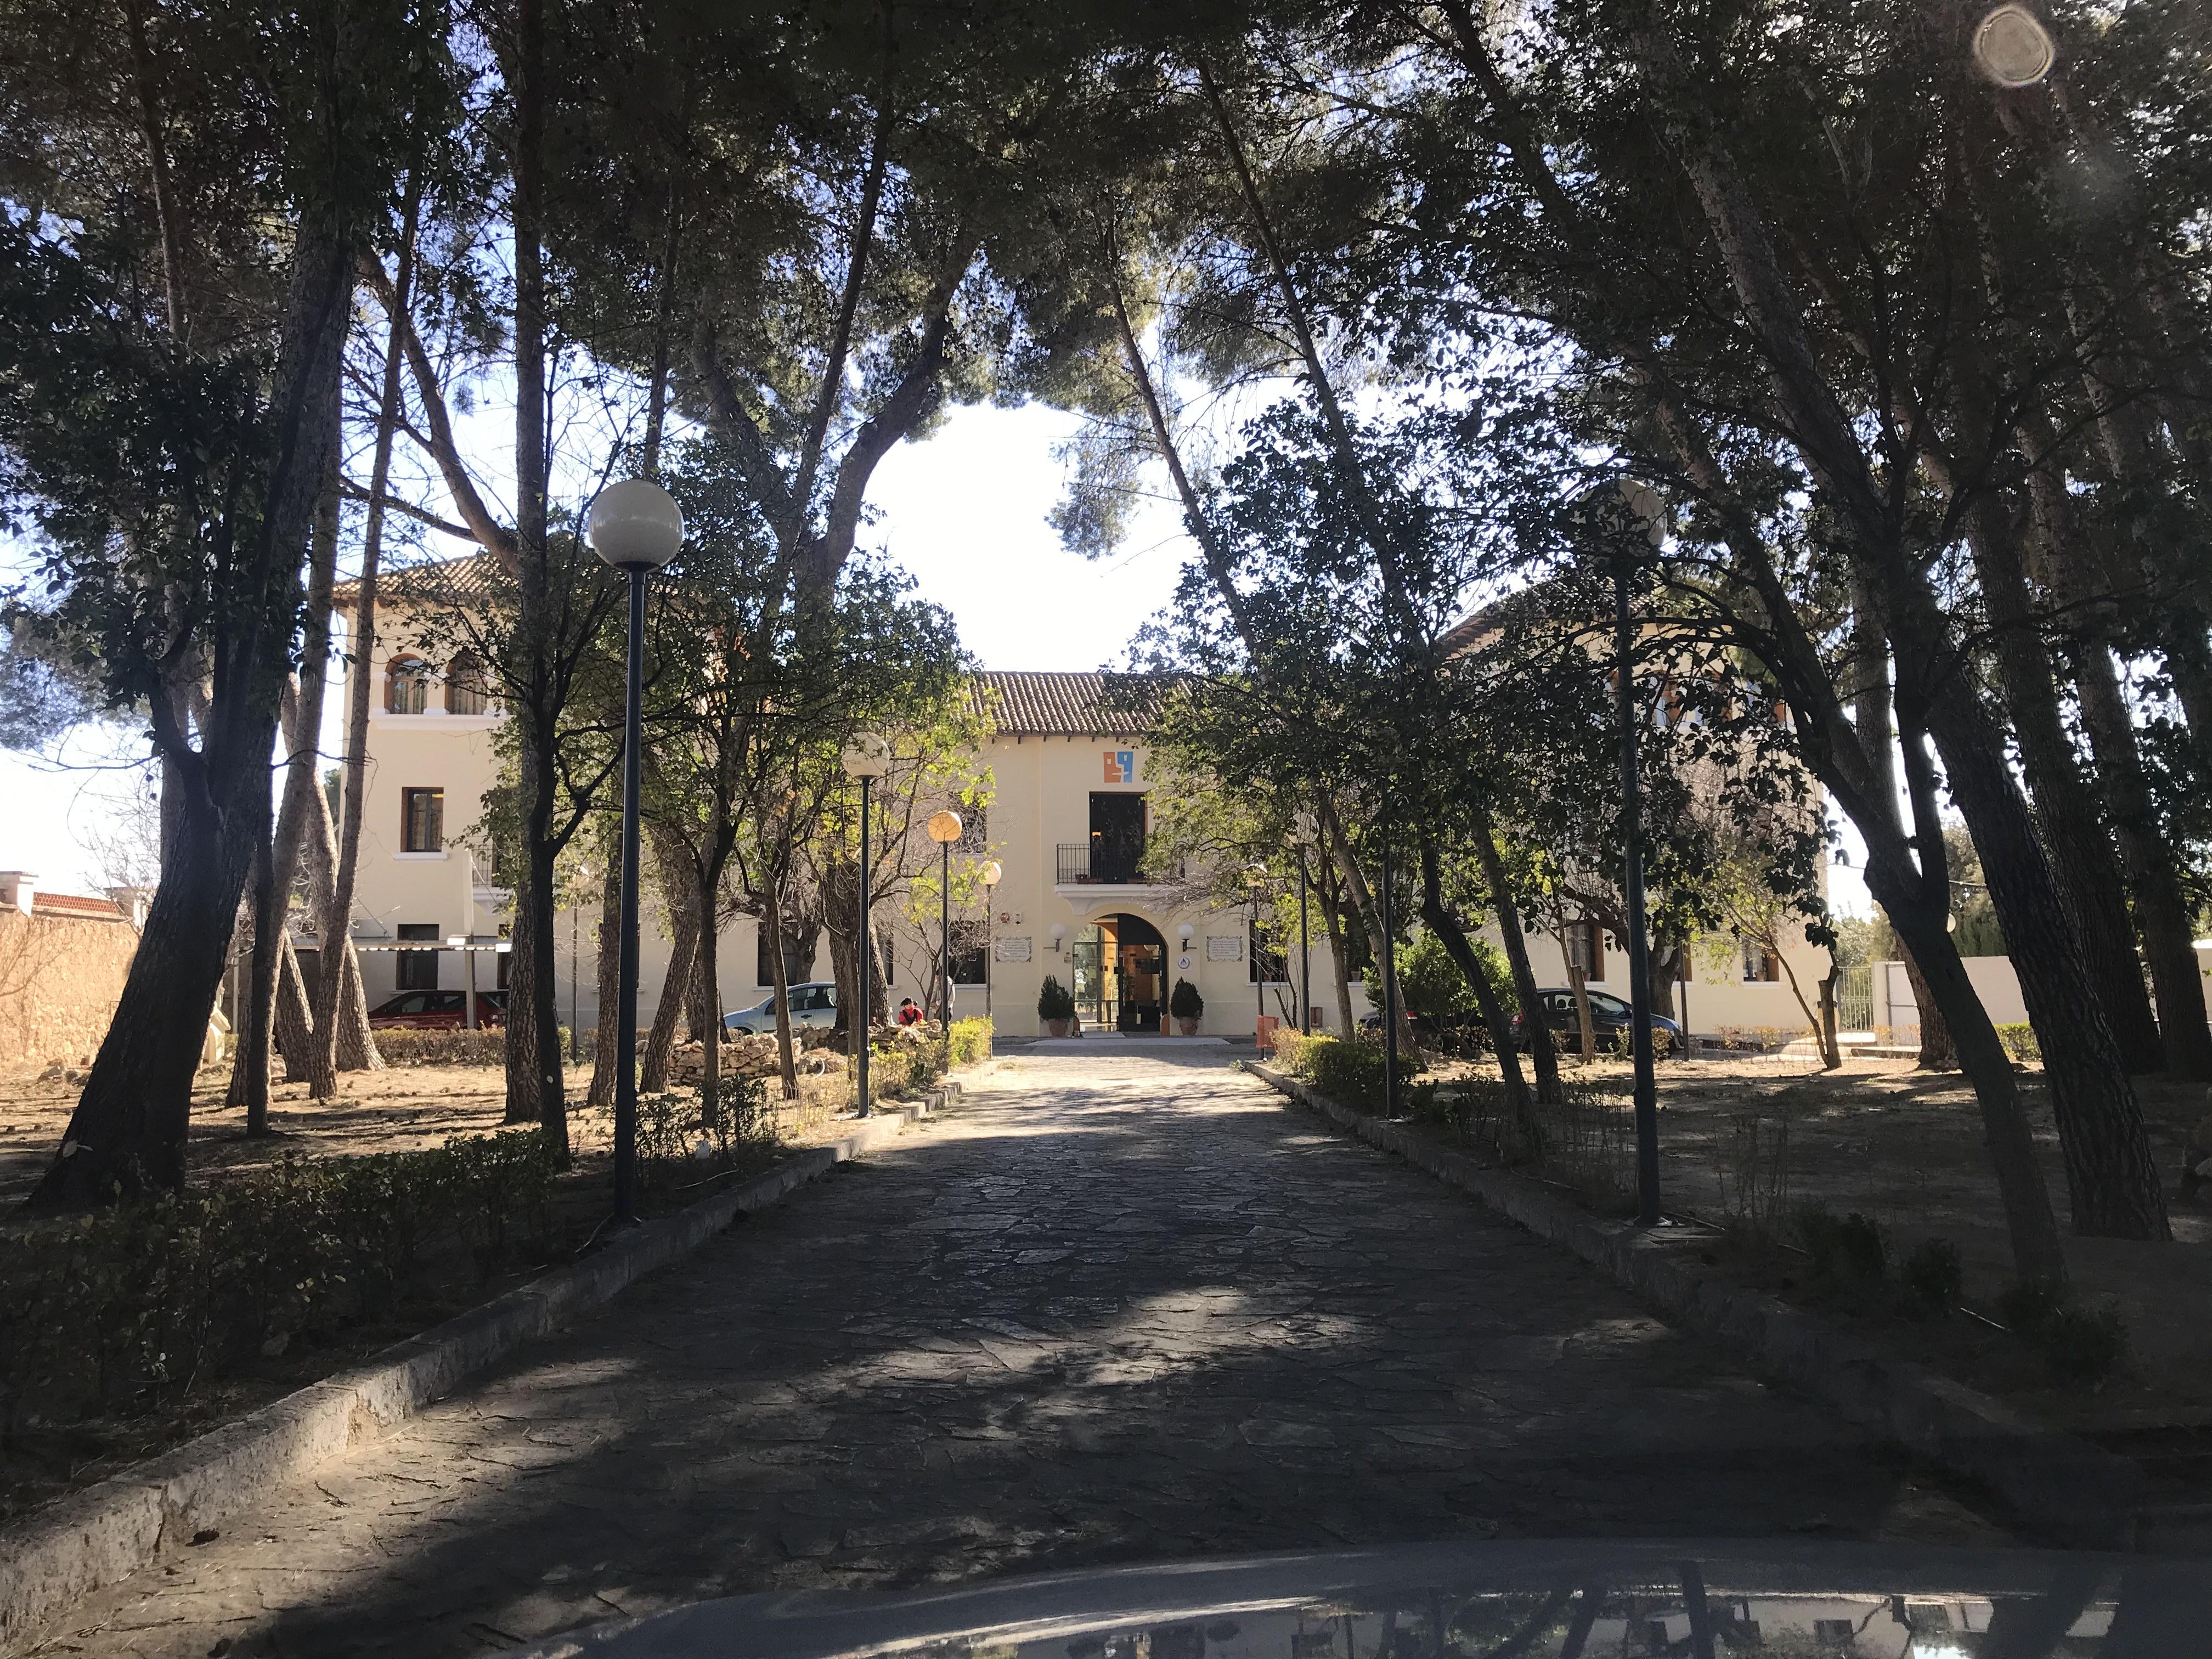 El albergue Torre de Alborache es donde se desea trasladar a los menores.